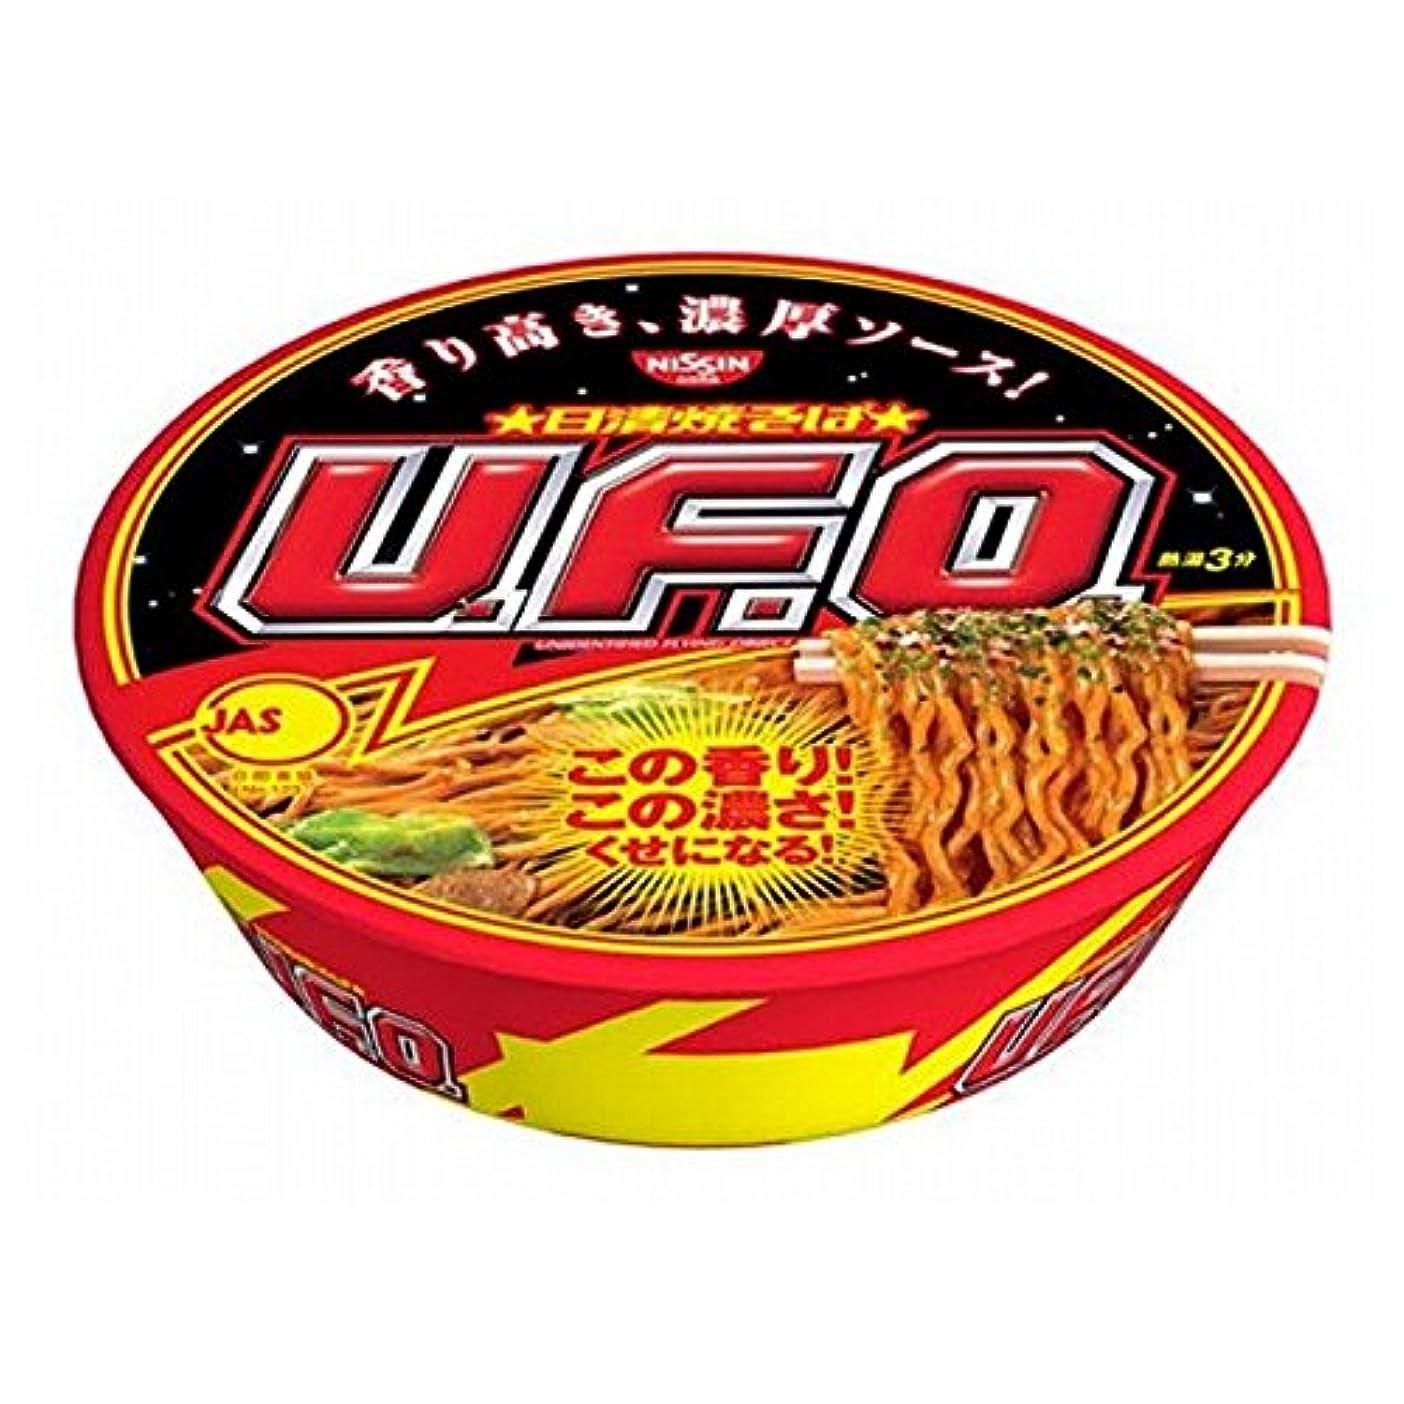 円形三番食い違い(お徳用ボックス) 日清食品 焼そばUFO カップ×12個